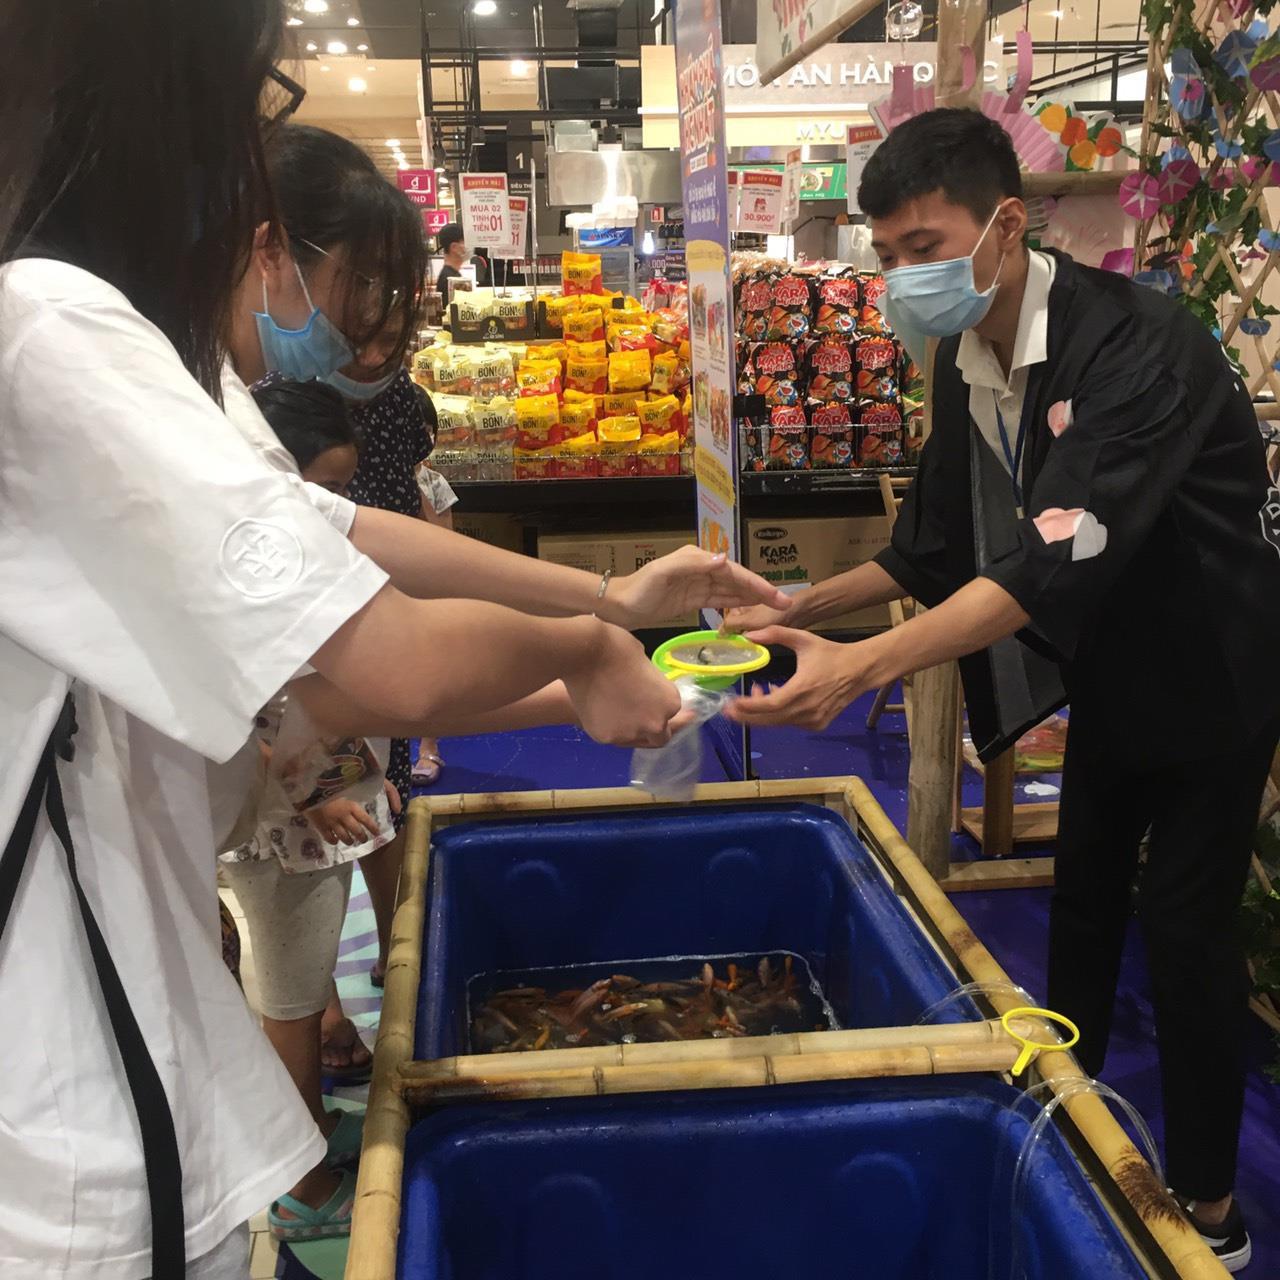 Lạc lối tại lễ hội mùa hè Nhật Bản giữa lòng Việt Nam - Ảnh 1.